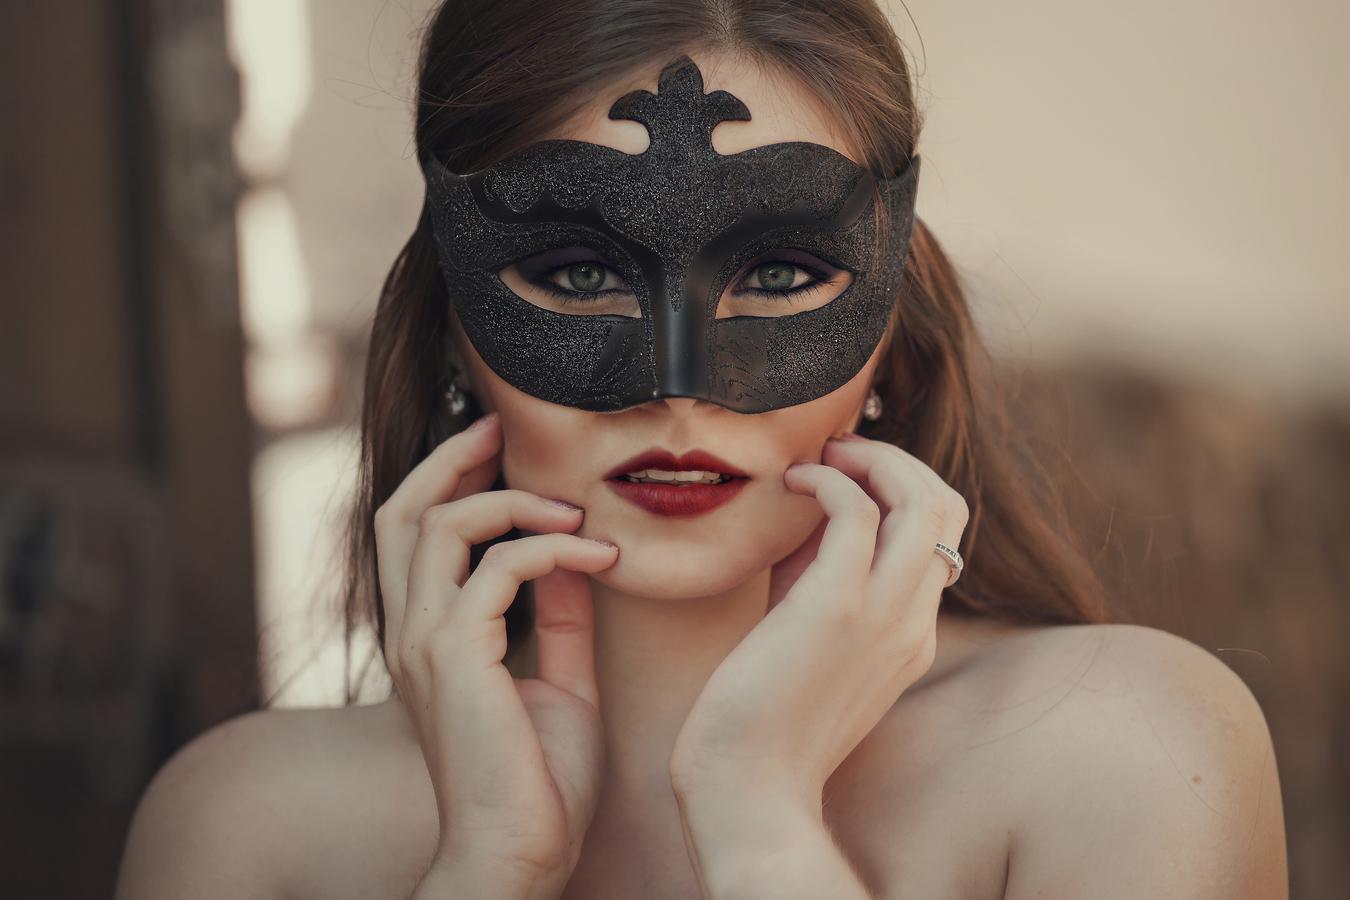 žena v masce